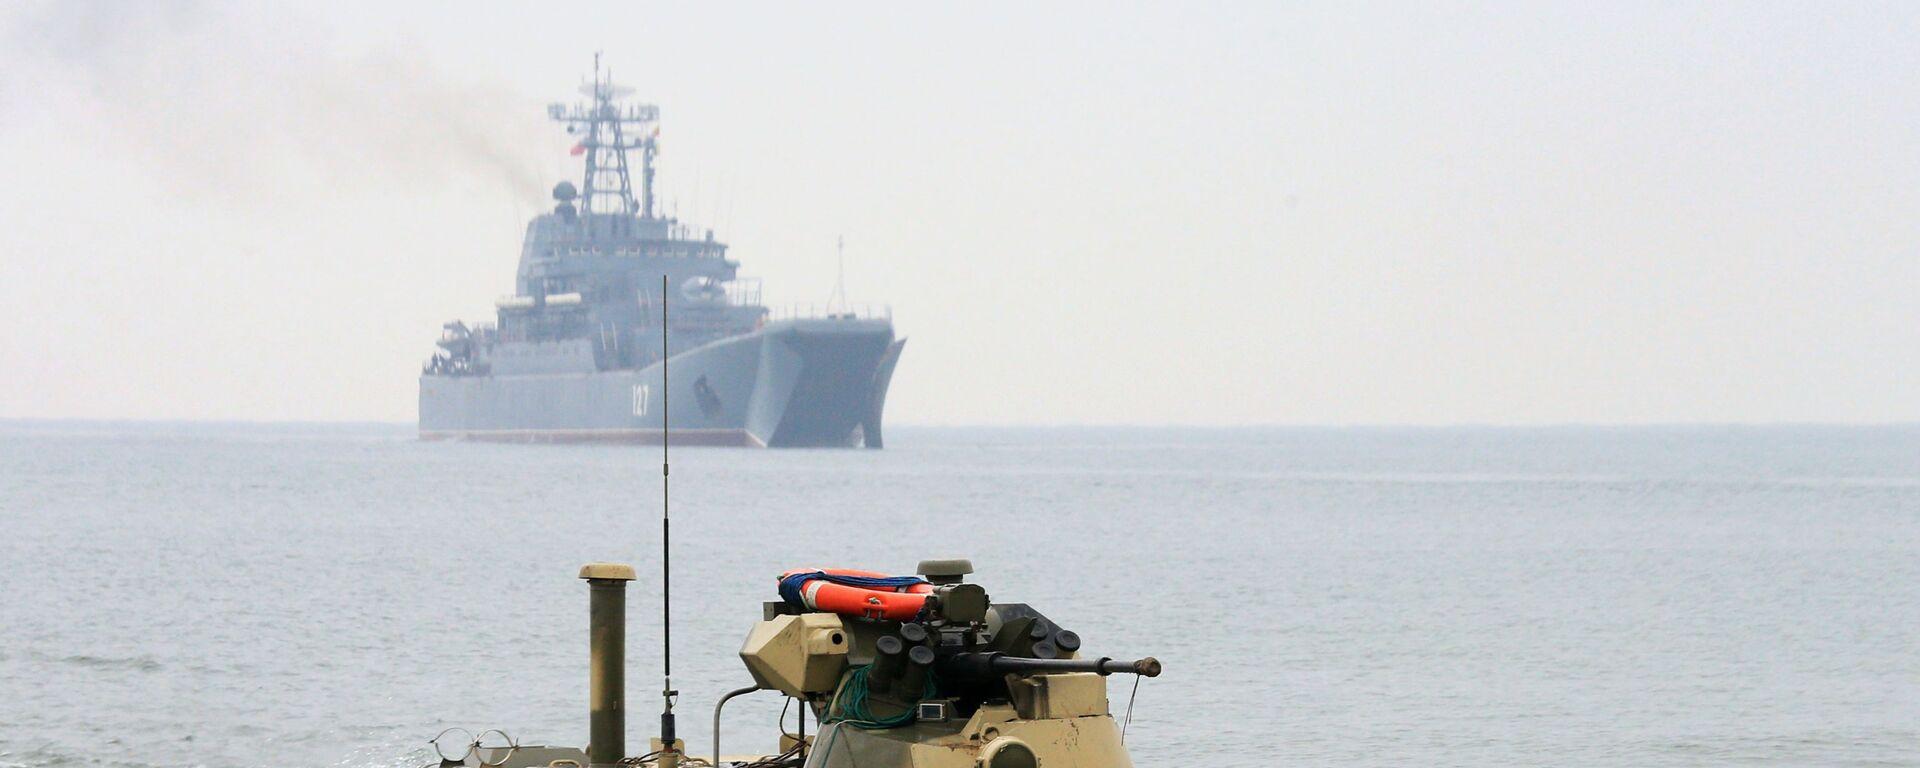 Wysadzanie piechoty morskiej na poligon Chmielewka w obwodzie Kaliningradzkim, w tle okręt desantowy Mińsk - Sputnik Polska, 1920, 06.09.2021